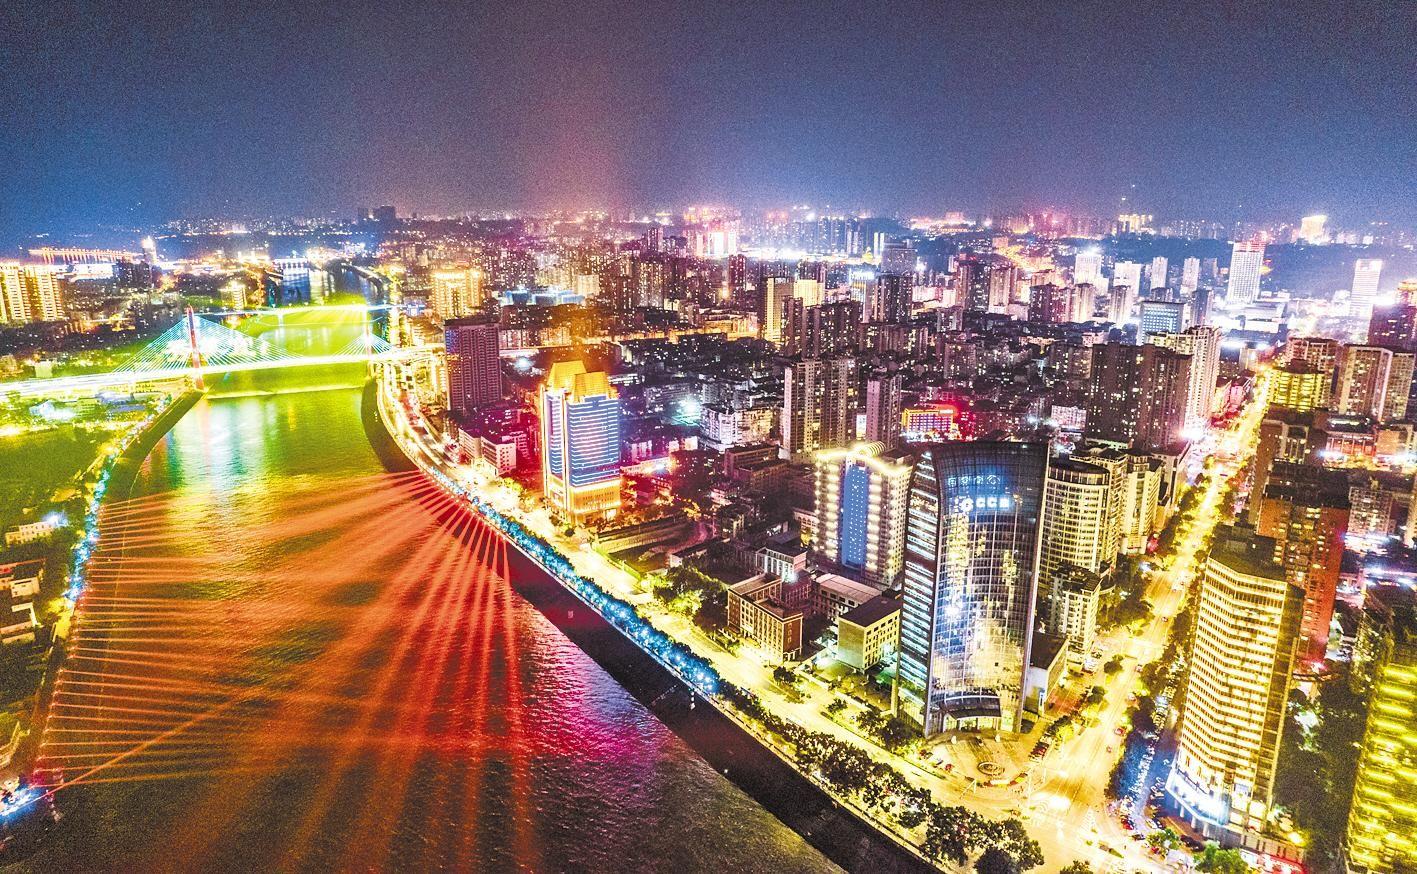 长江宜昌段夜景迷人